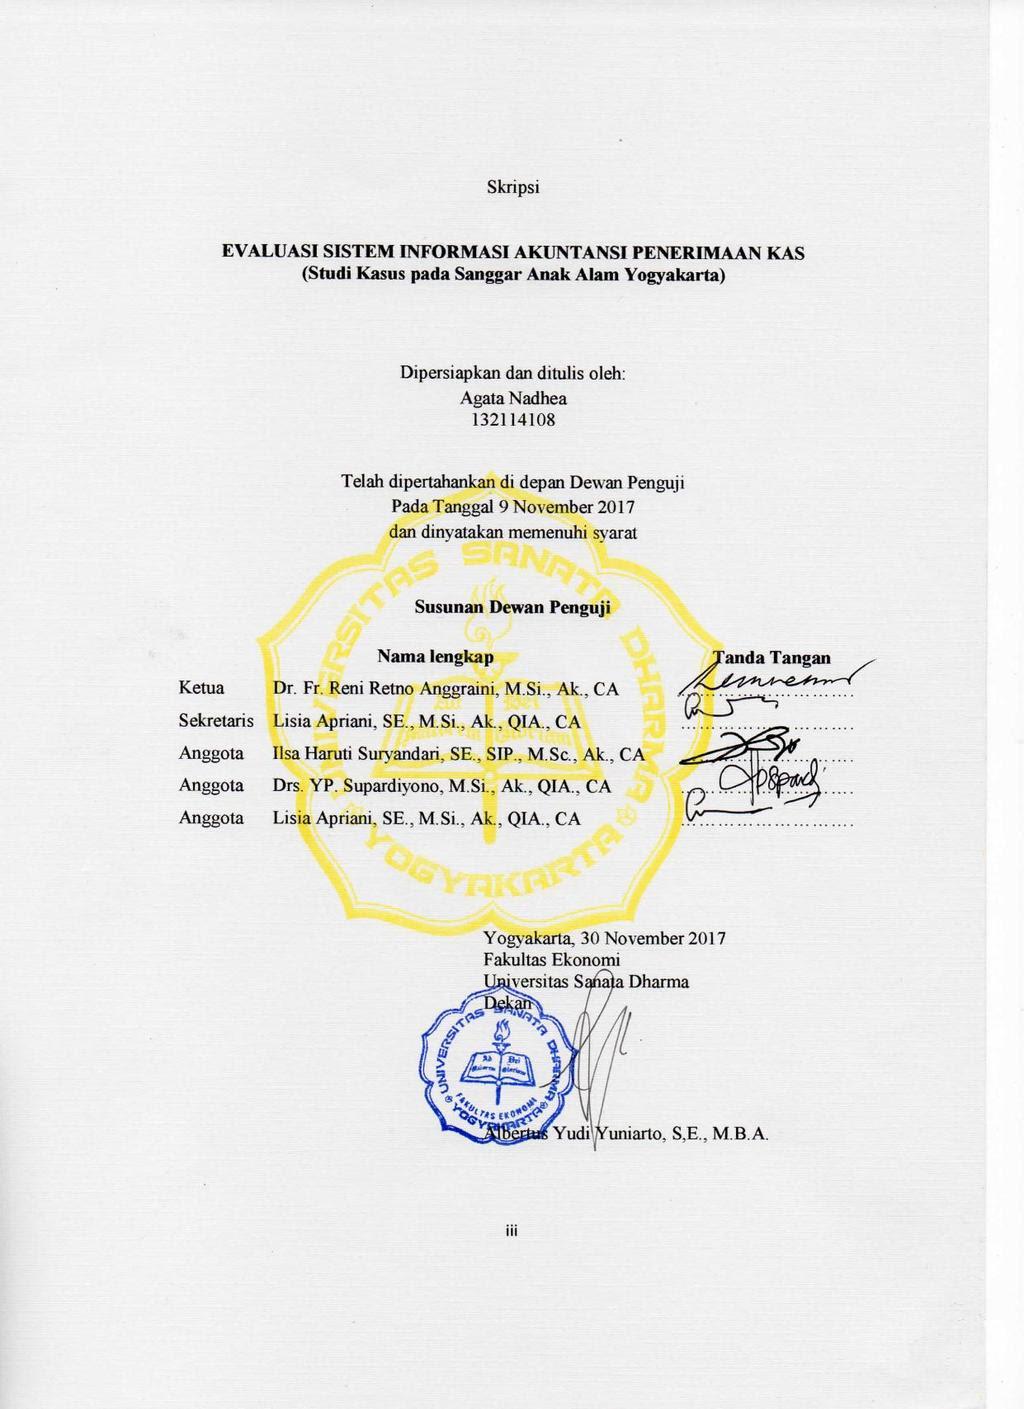 Skripsi Sistem Informasi Akuntansi Penerimaan Kas Pejuang Skripsi